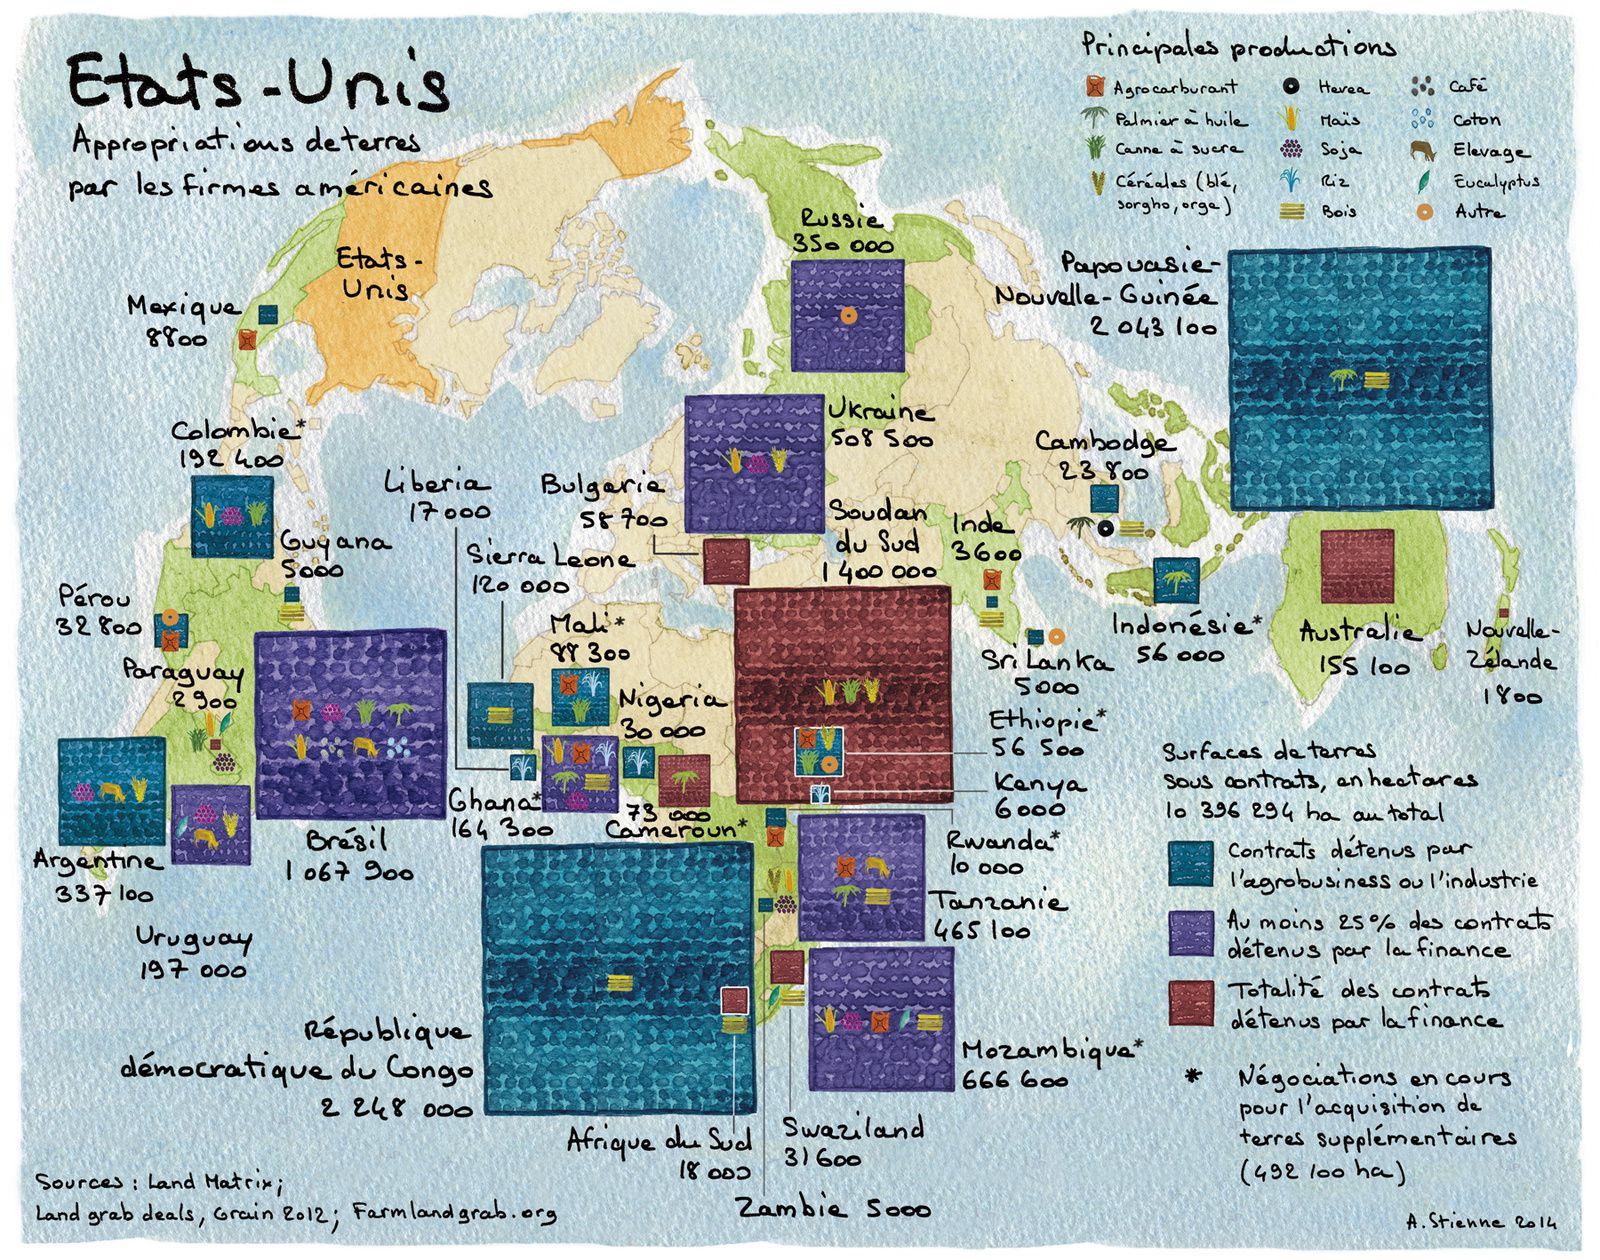 Accaparement de terres : la Chine, l'Inde et les États-Unis aussi... (Visiocarte)